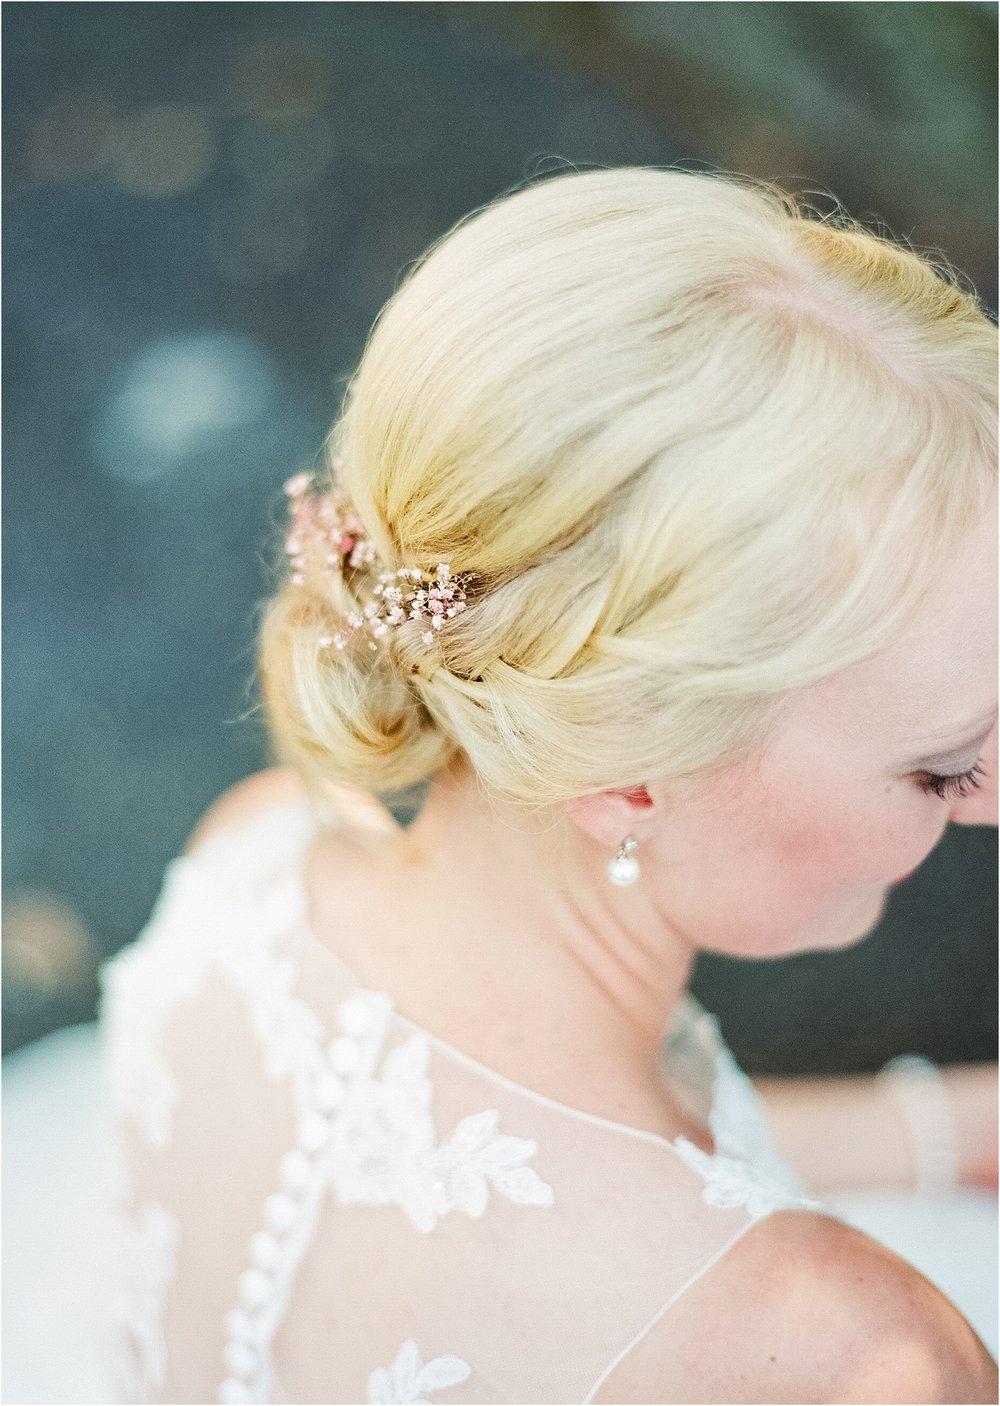 Hochzeitsfotograf+Stuttgart+Karoline+Kirchhof (6 von 18).jpg